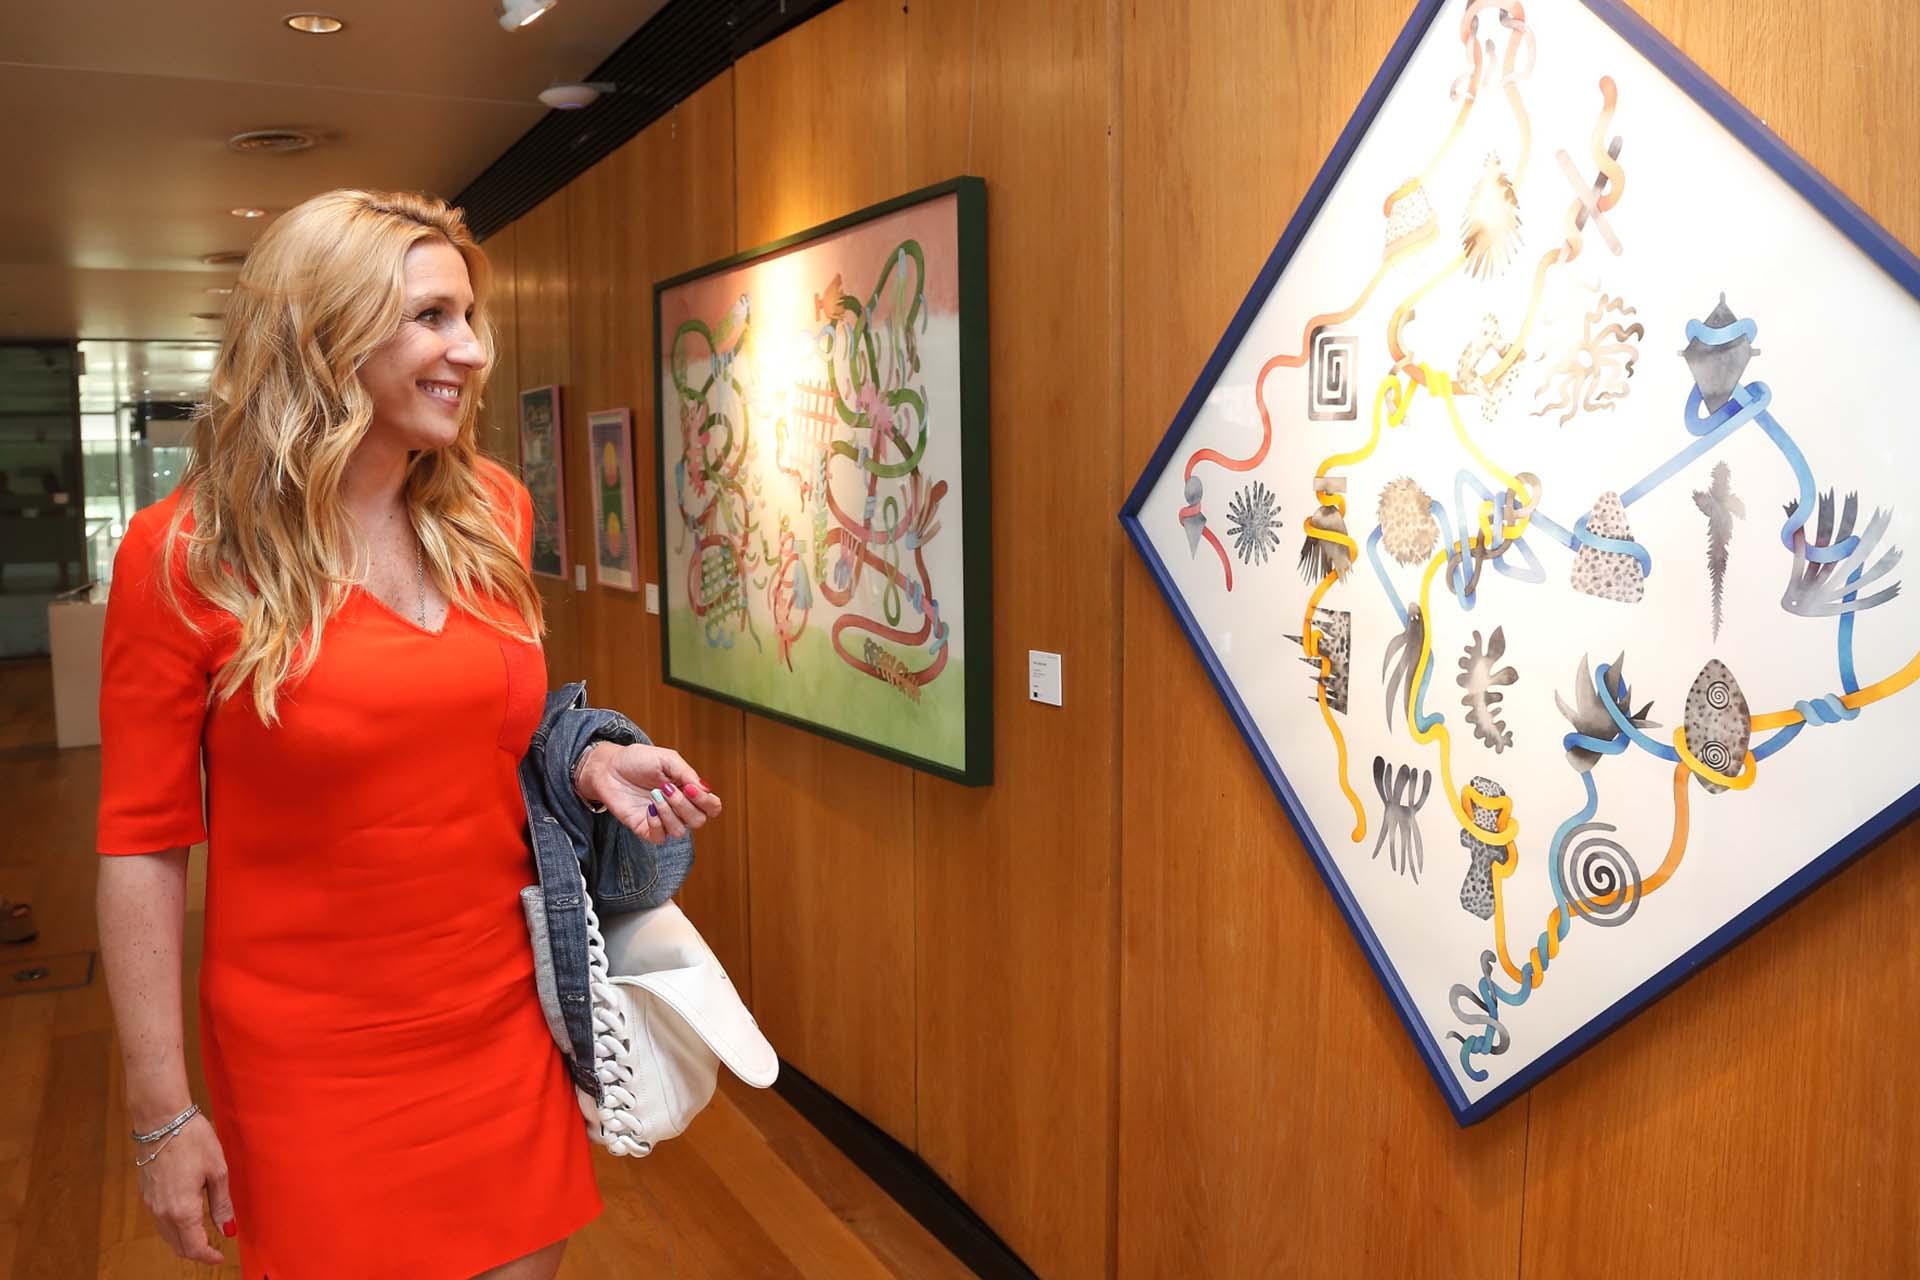 Amalia Amoedo observando la obra de Ana Clara Soler. La experiencia contó con la presencia de más de 15 artistas referentes del arte contemporáneo argentino